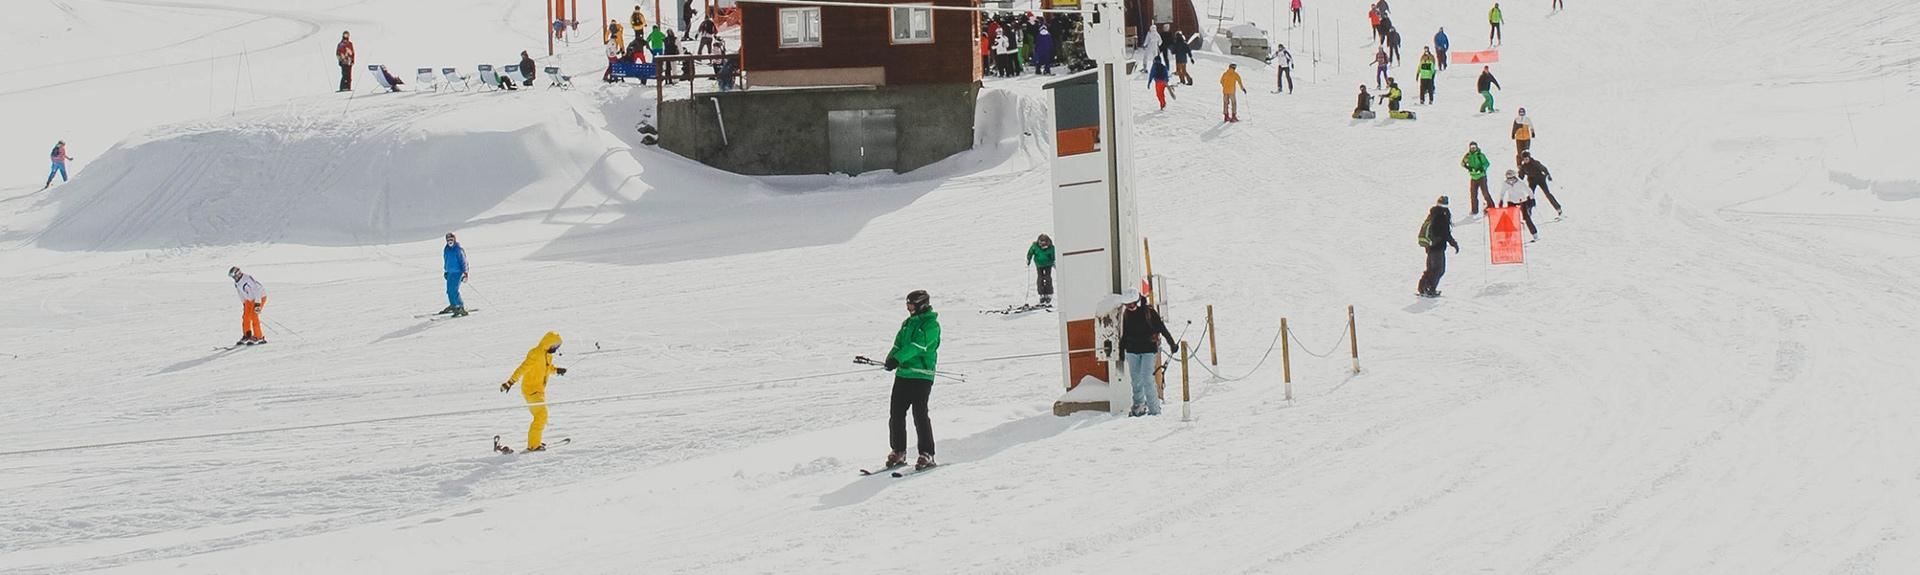 Skisaison